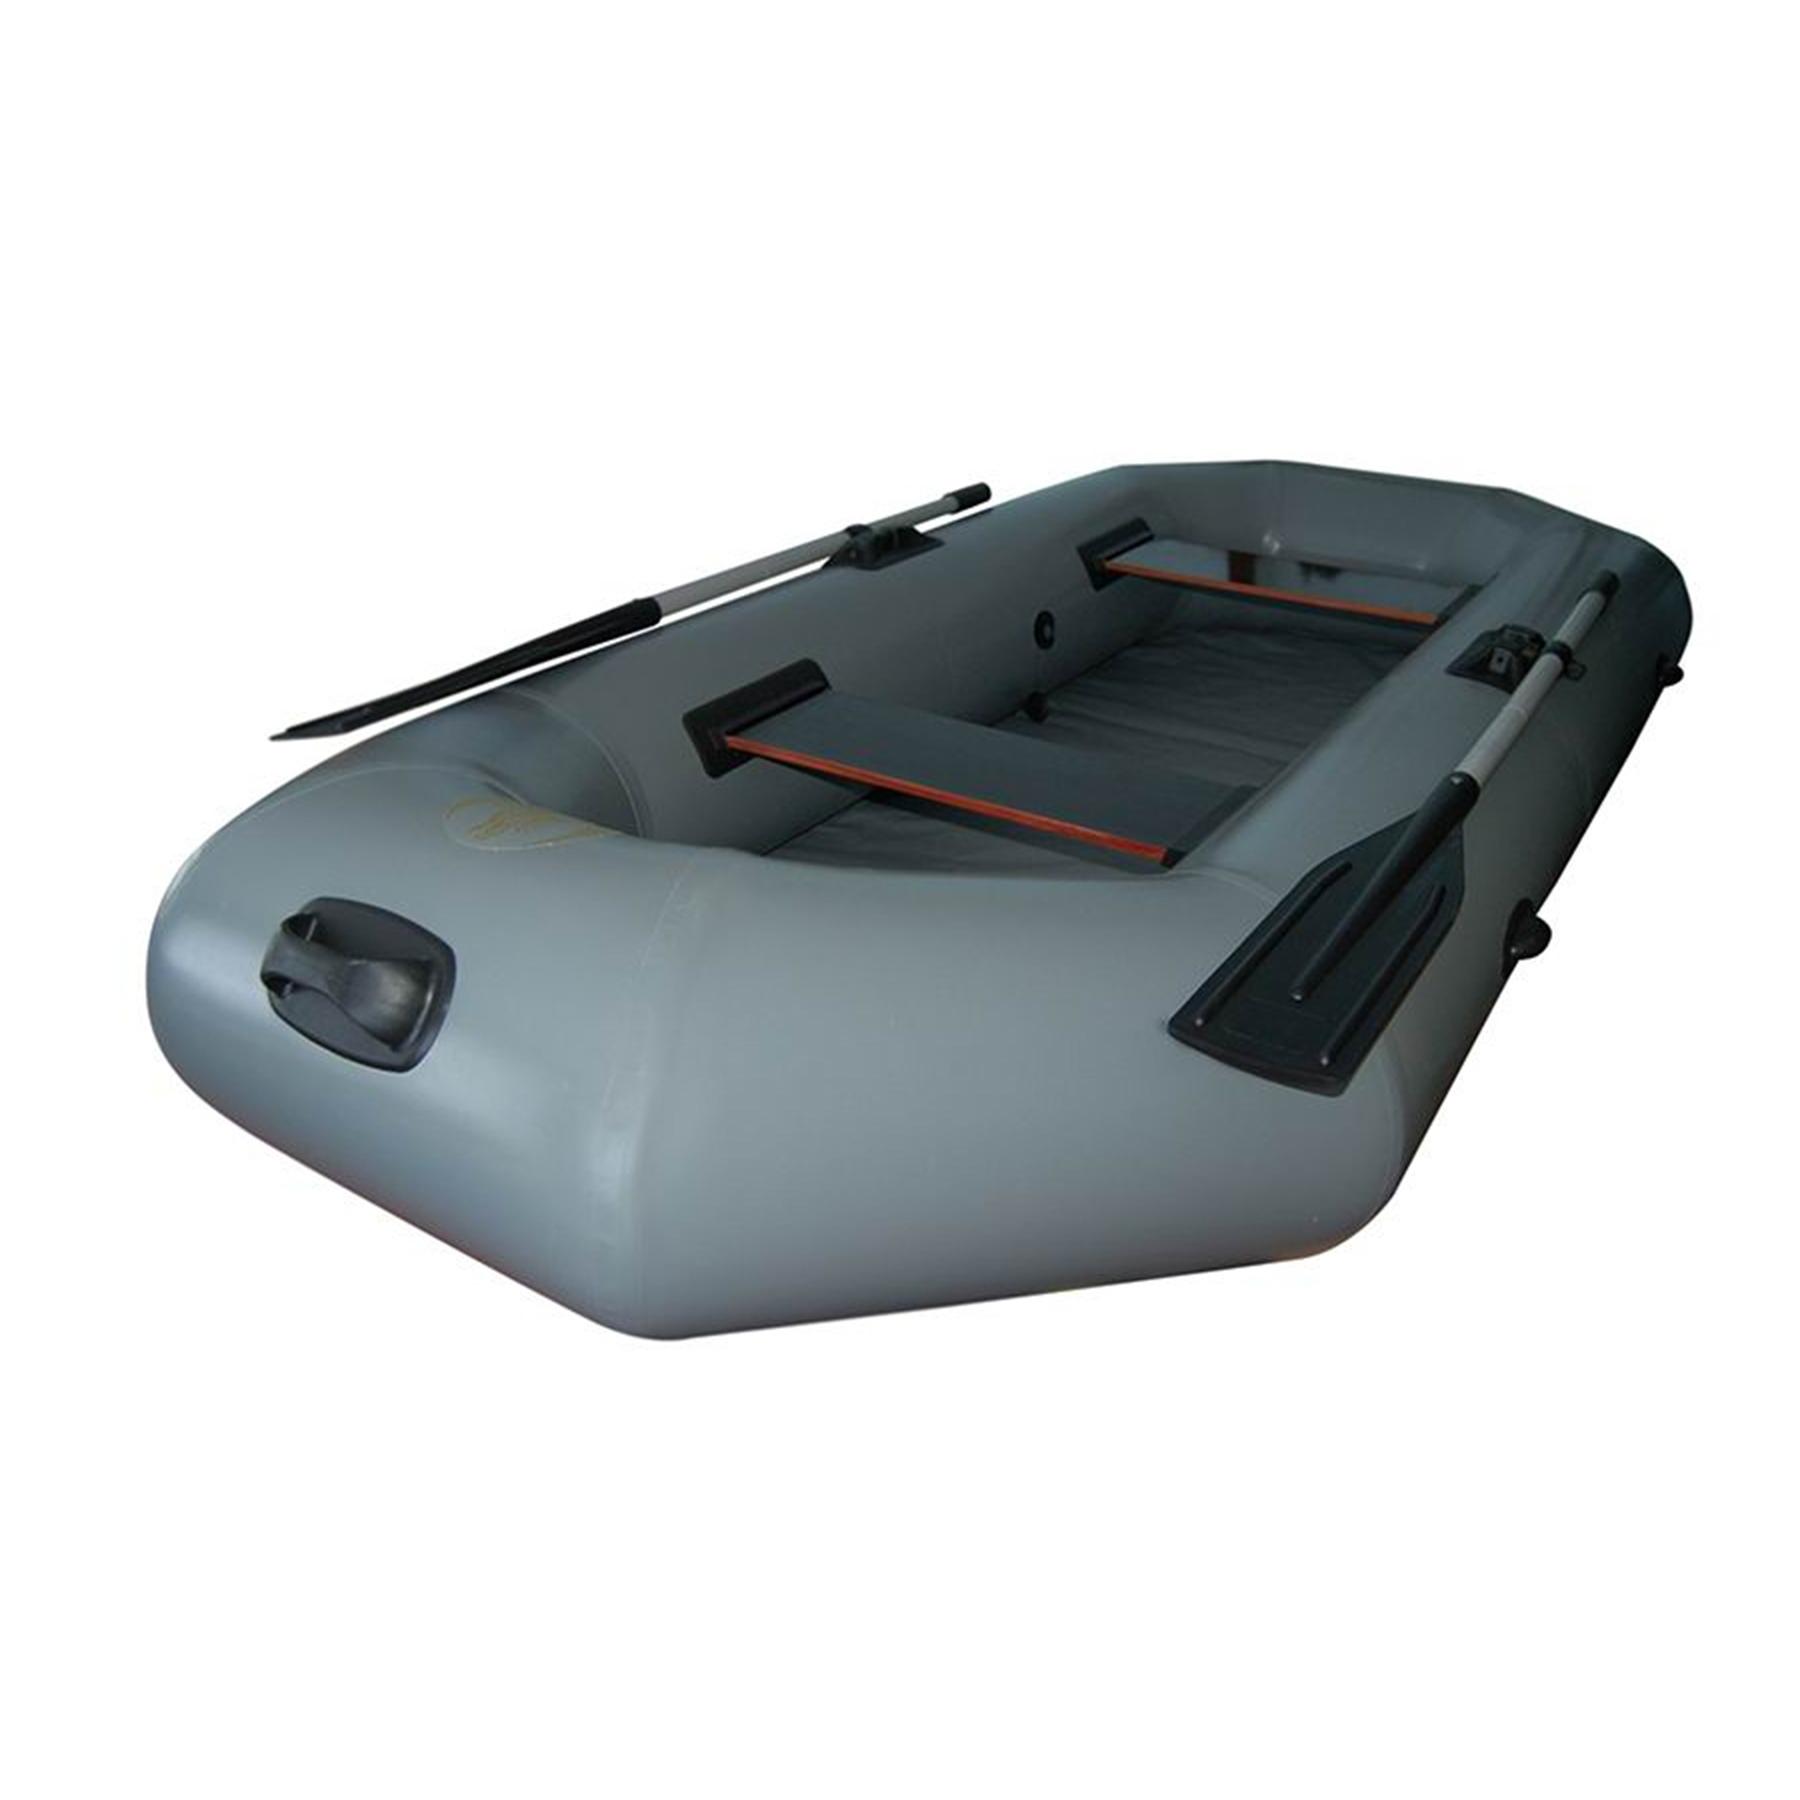 Лодка Олимп - 260 / 265  (260*124см, гр.под.220 кг,2отс.,14 кг,ж.сид.,весла)